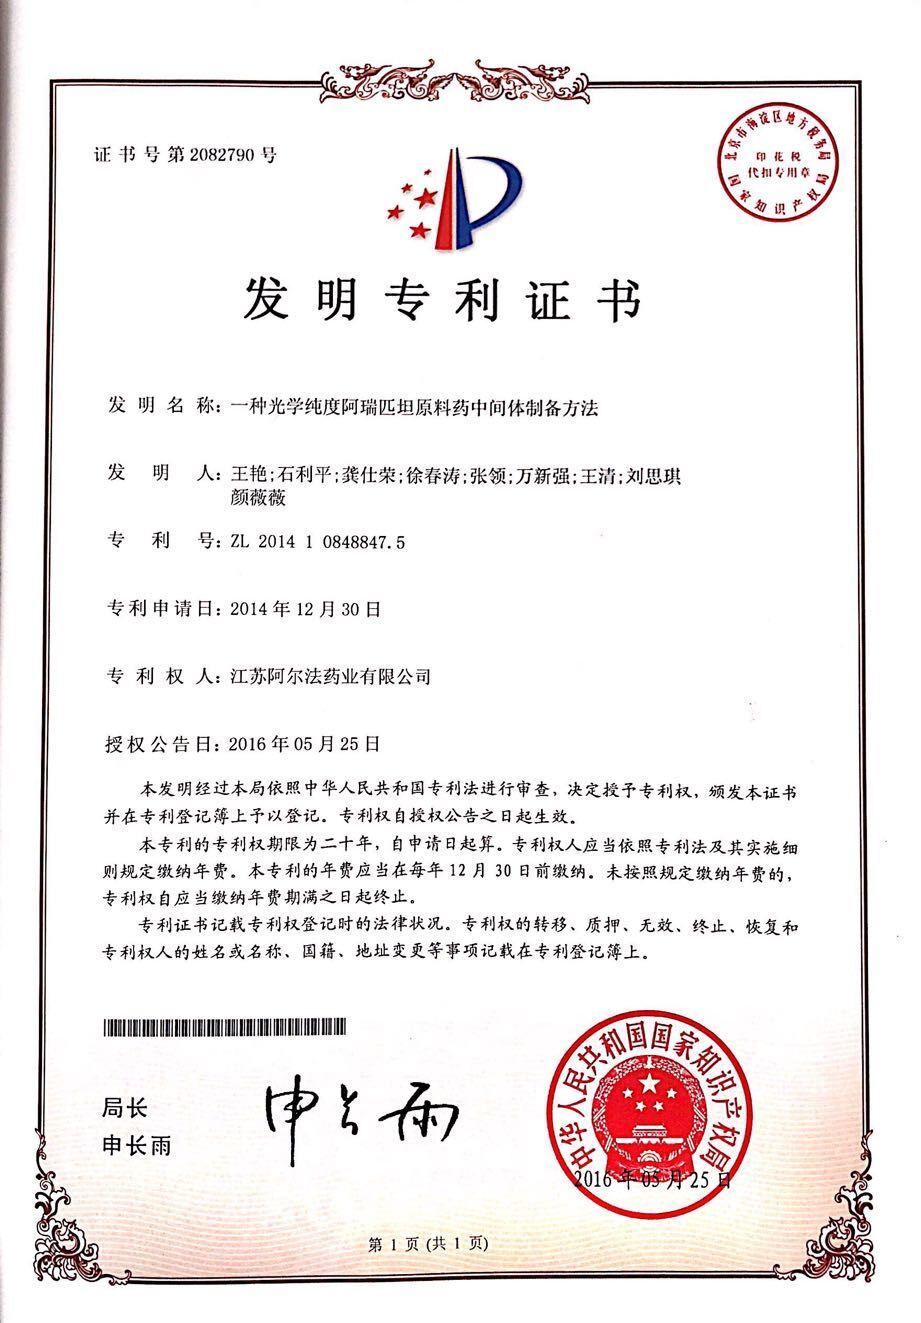 荣誉-专利-15.一?#27490;?#23398;纯度阿瑞匹坦原料药中间体制备方法